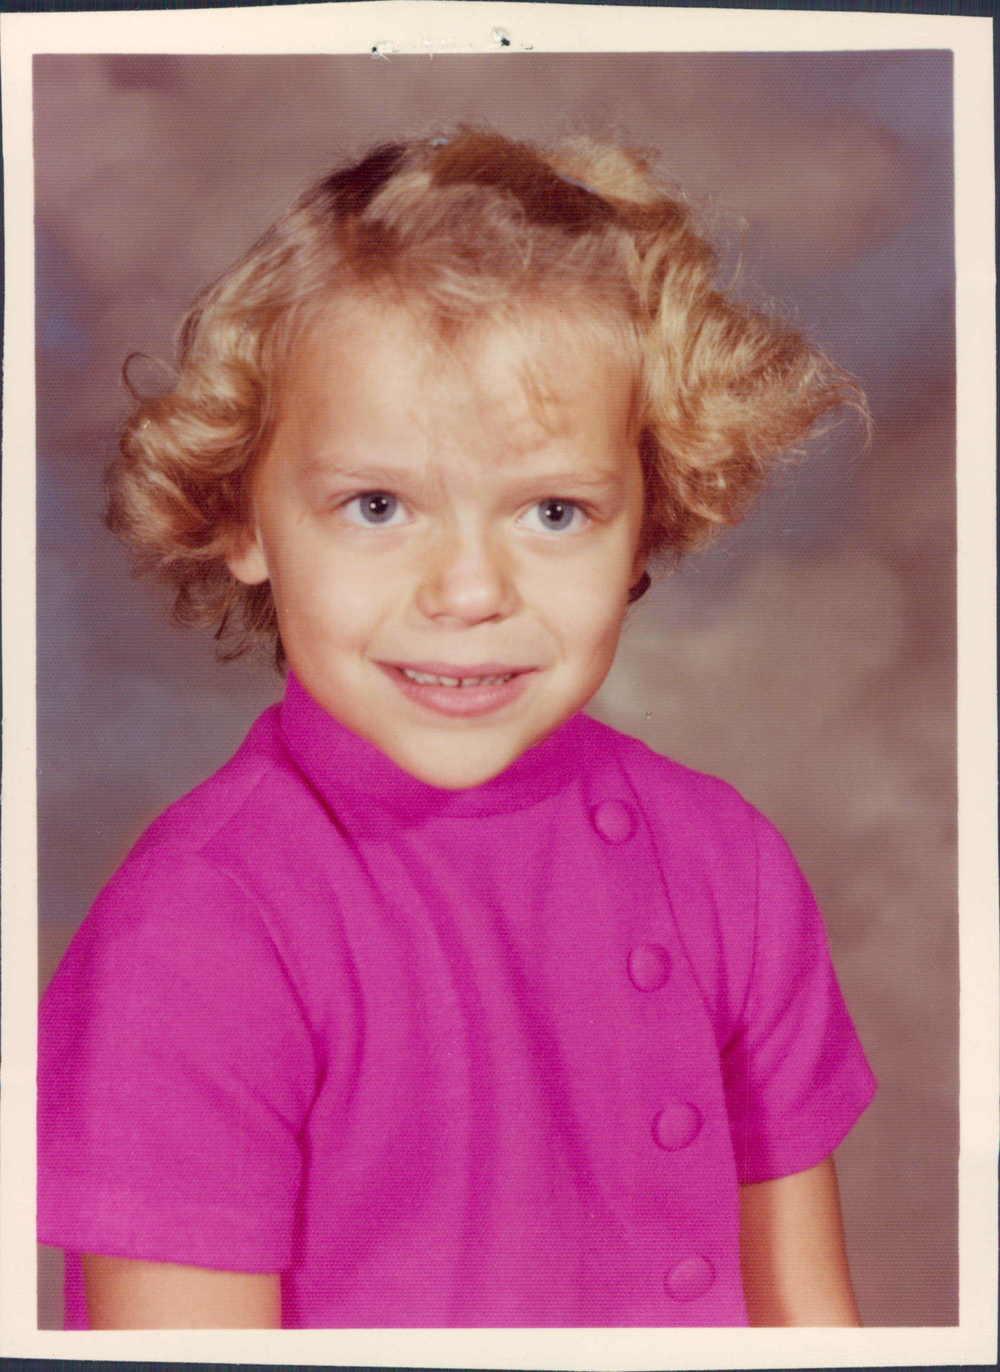 That's me in Kindergarten!